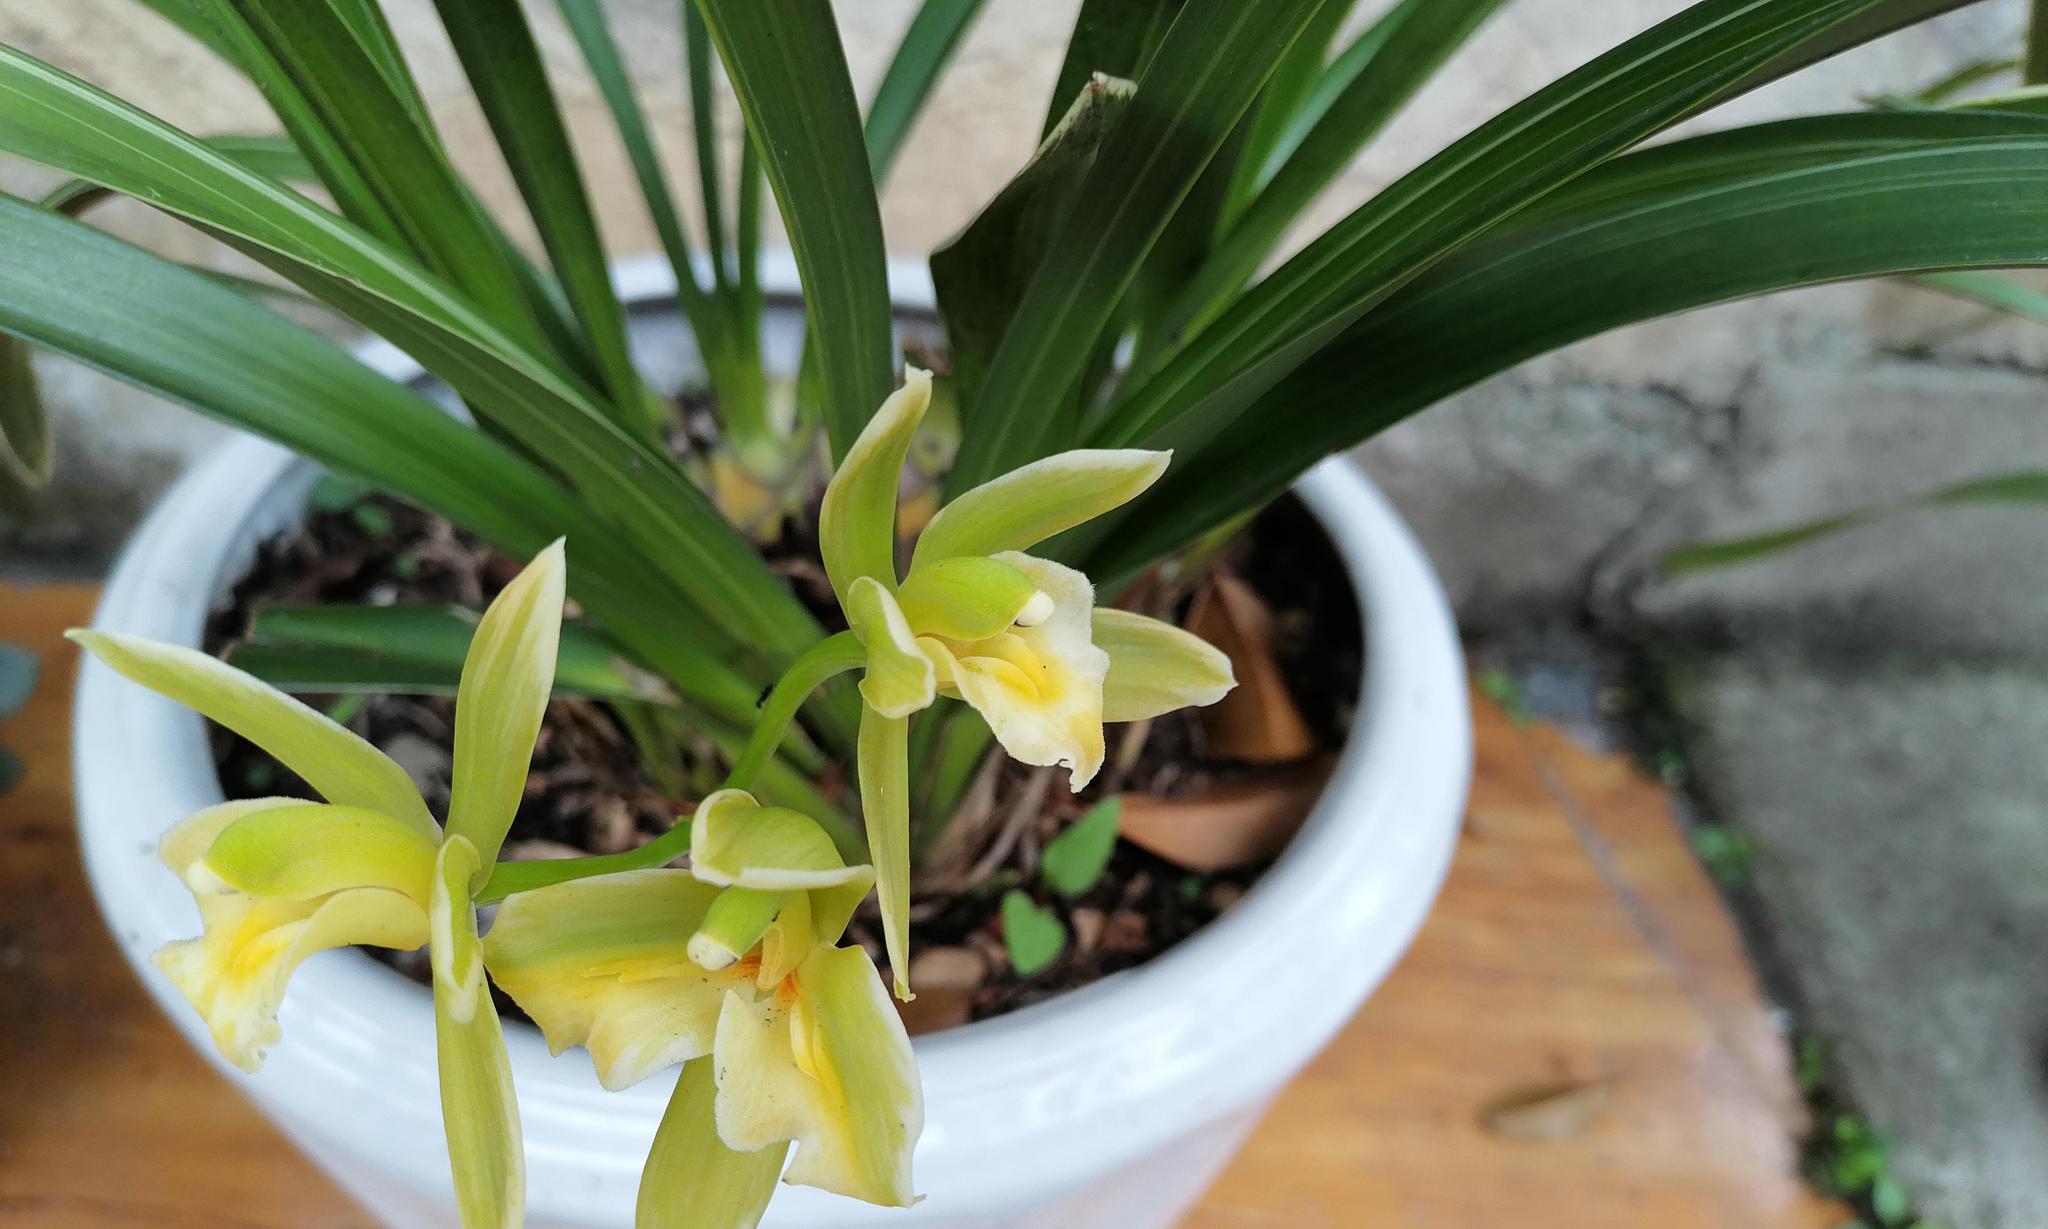 如何选择兰花质料,看看花友推荐的6种兰花基质,保根保花又好找